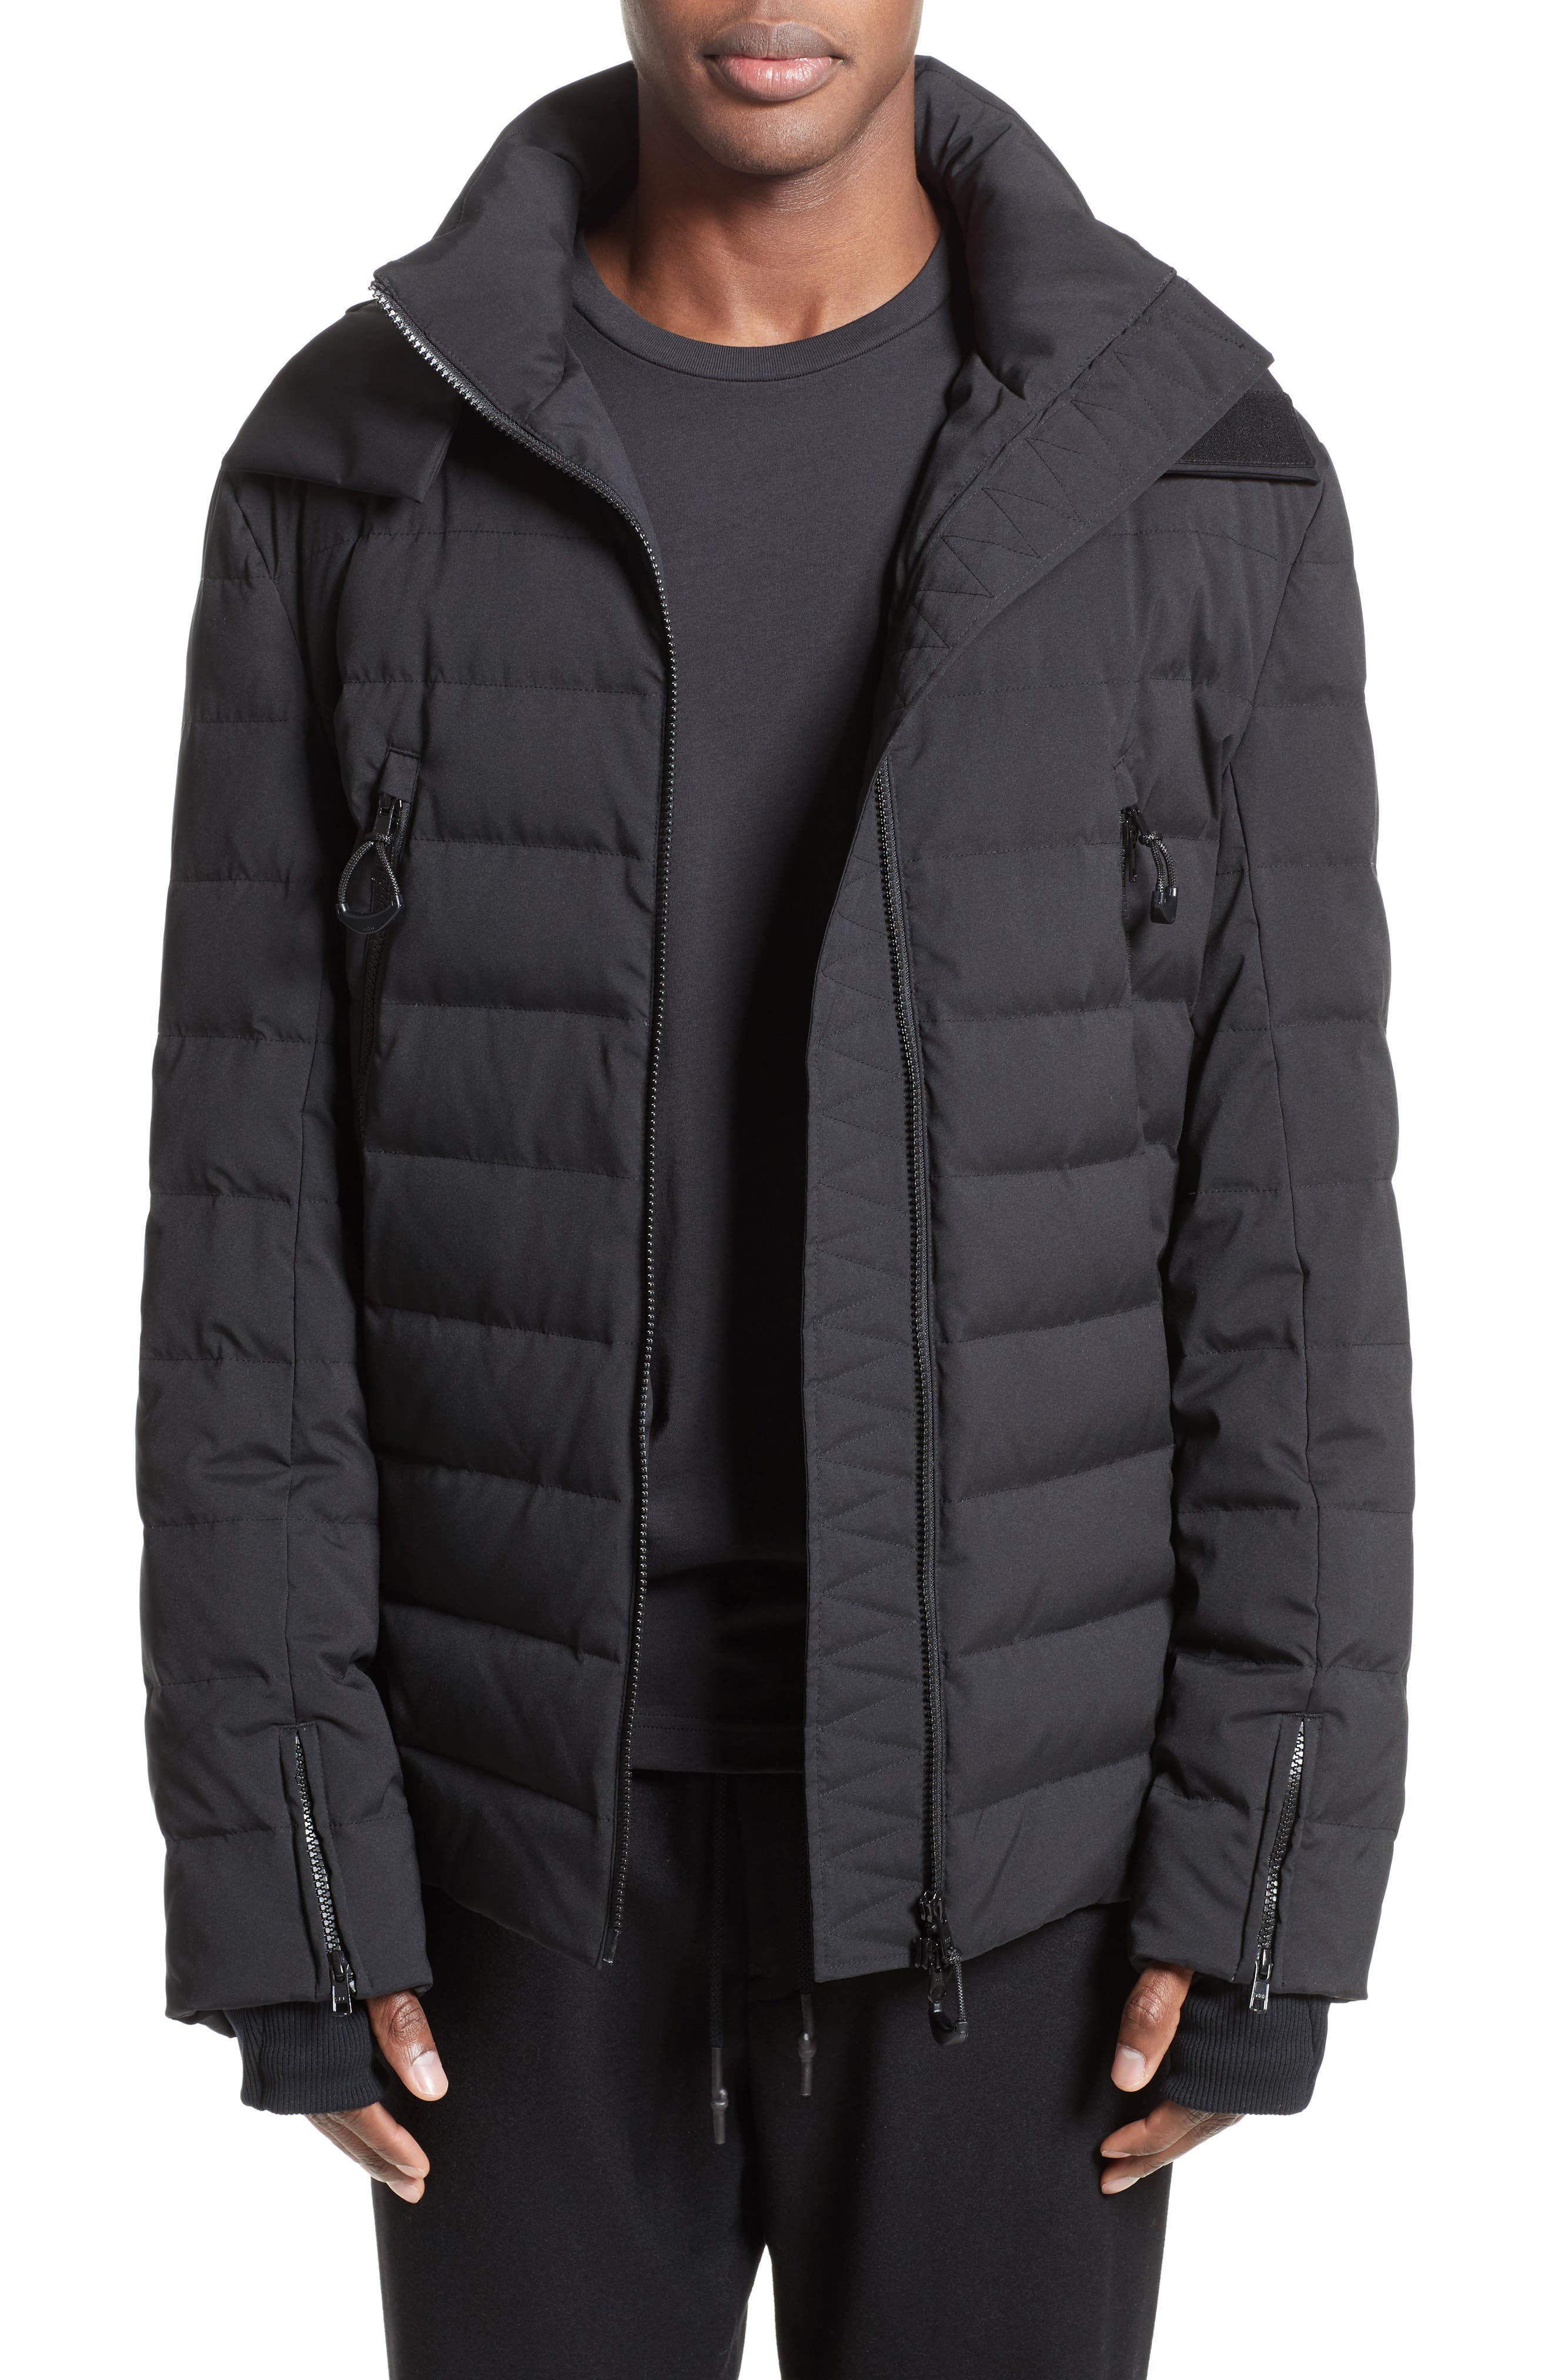 Alternate Image 1 Selected - Y-3 Water Resistant Down Jacket